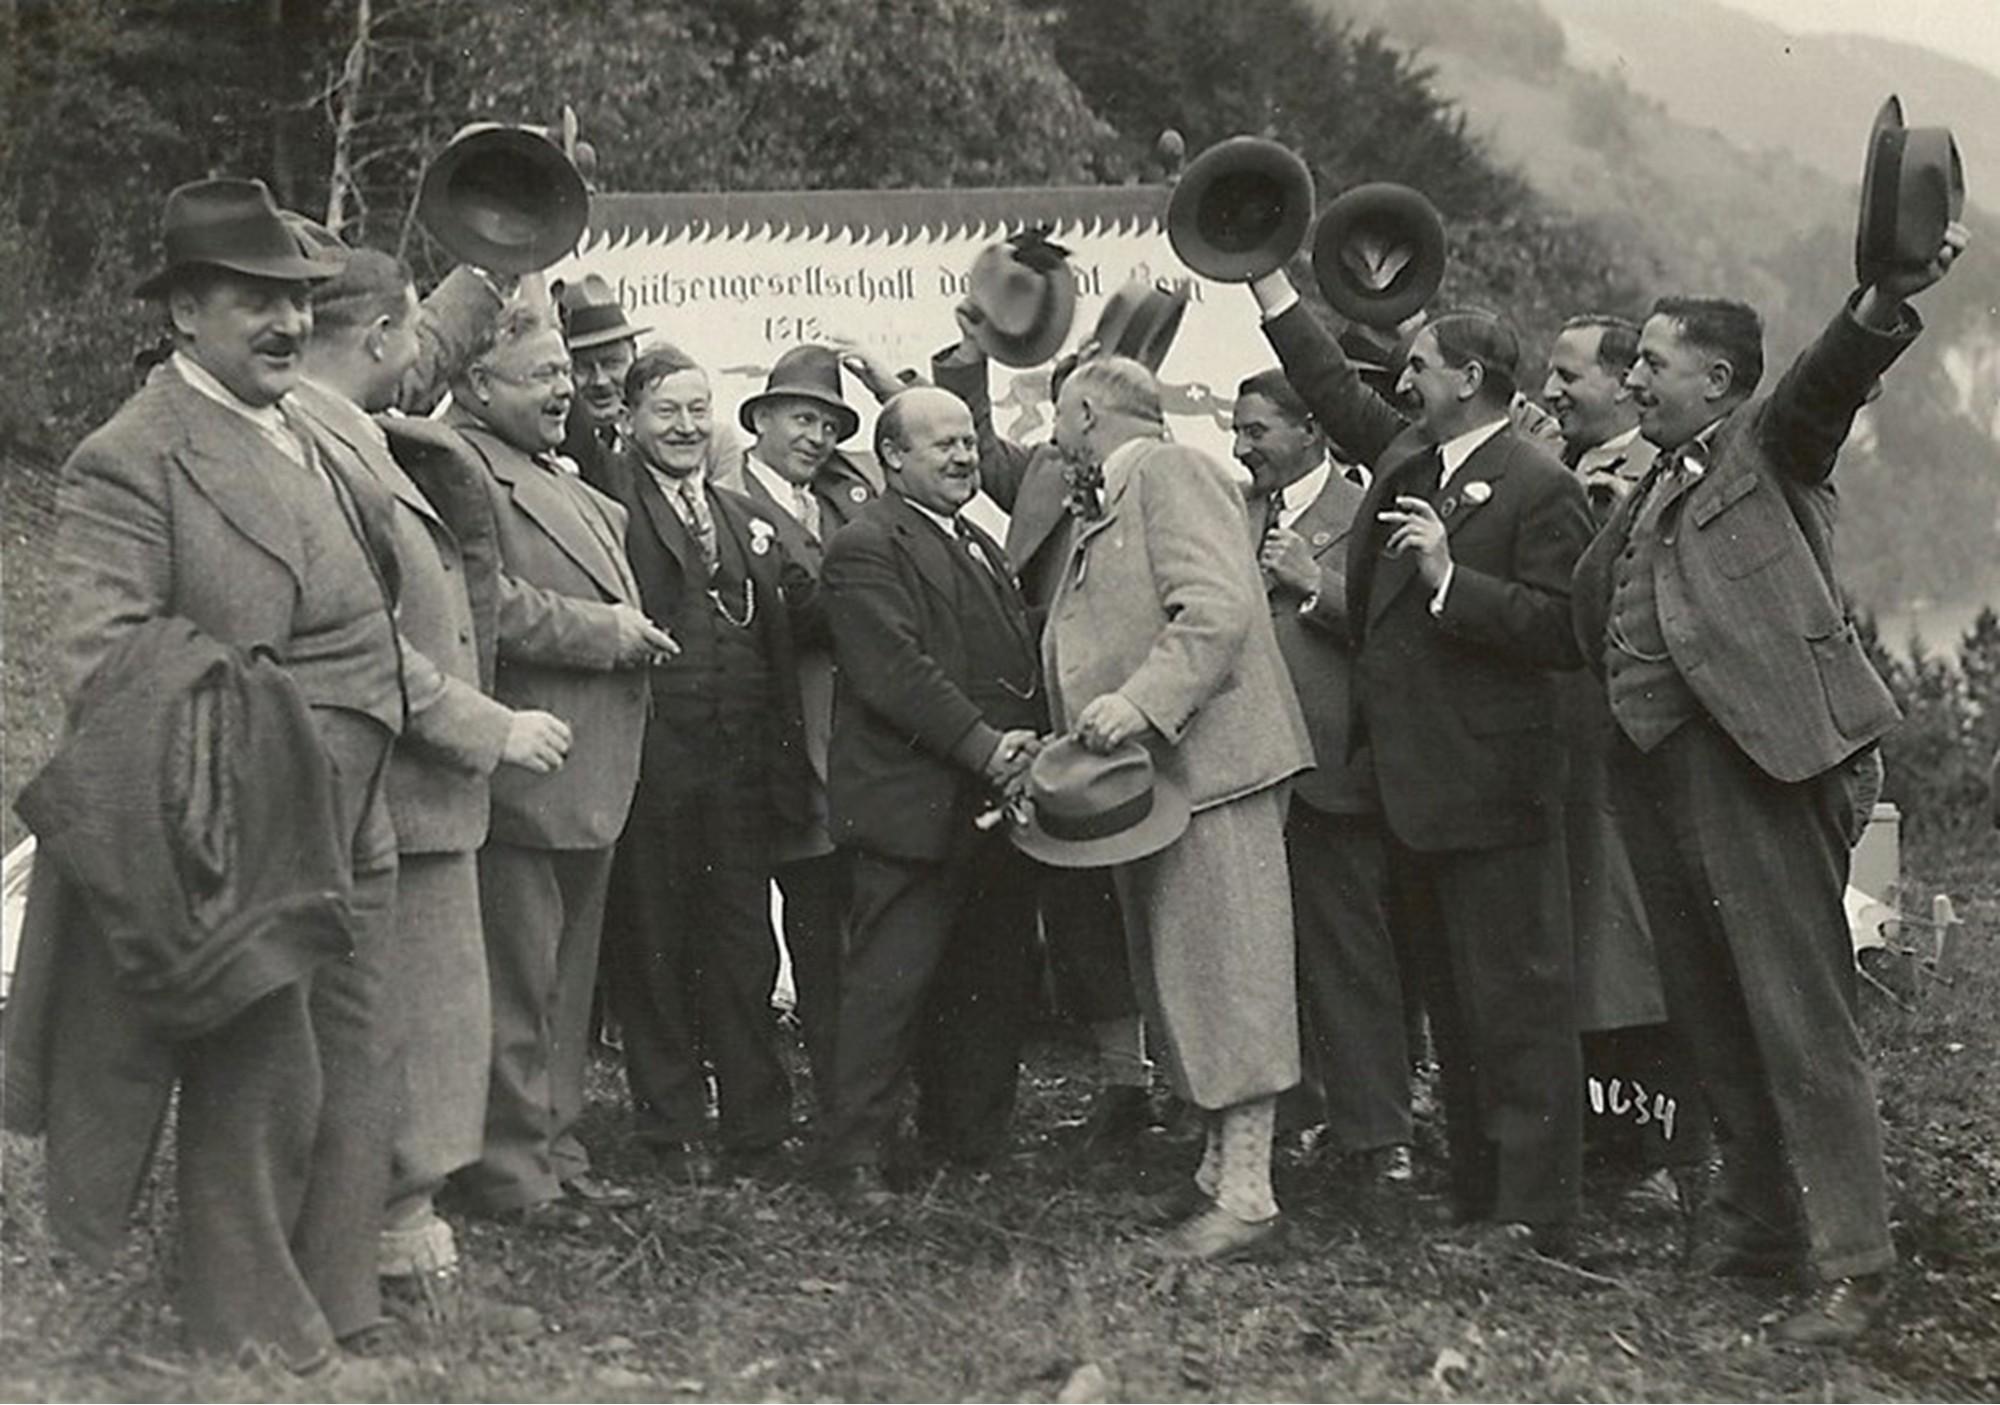 Die Feuerschützen am Rütlischiessen 1931